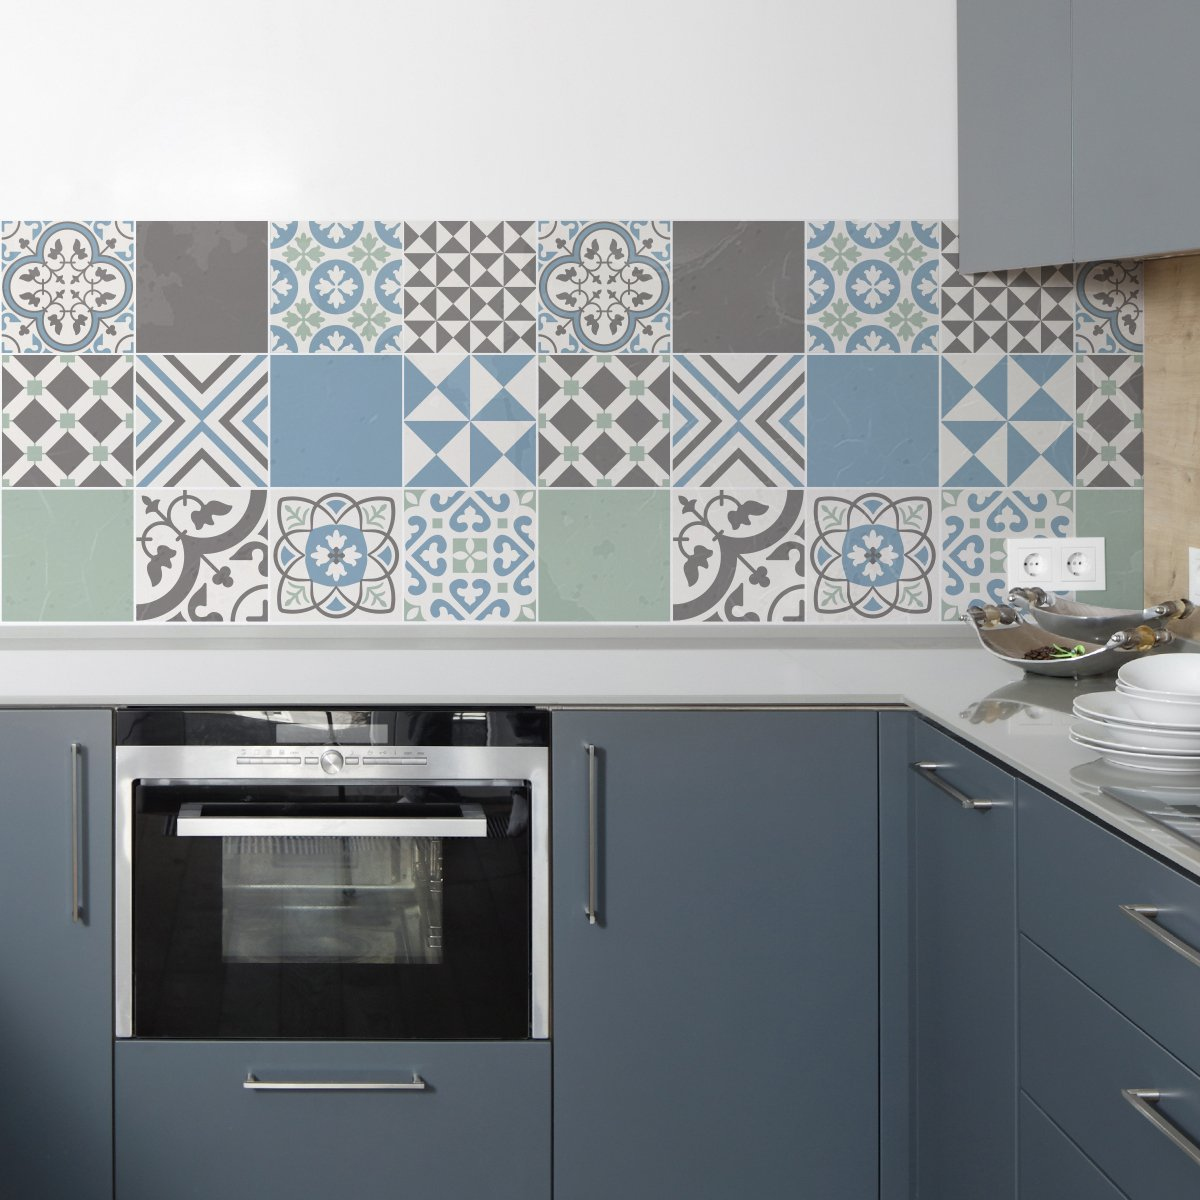 Sirface Portugais Pastel Tile Stickers –  Ensemble de Stickers pour carrelage pour Cuisine et Salle de Bain –  Lot DE 24 –  Diffé rentes Tailles Disponibles, 6x6 inches | 15x15 cm